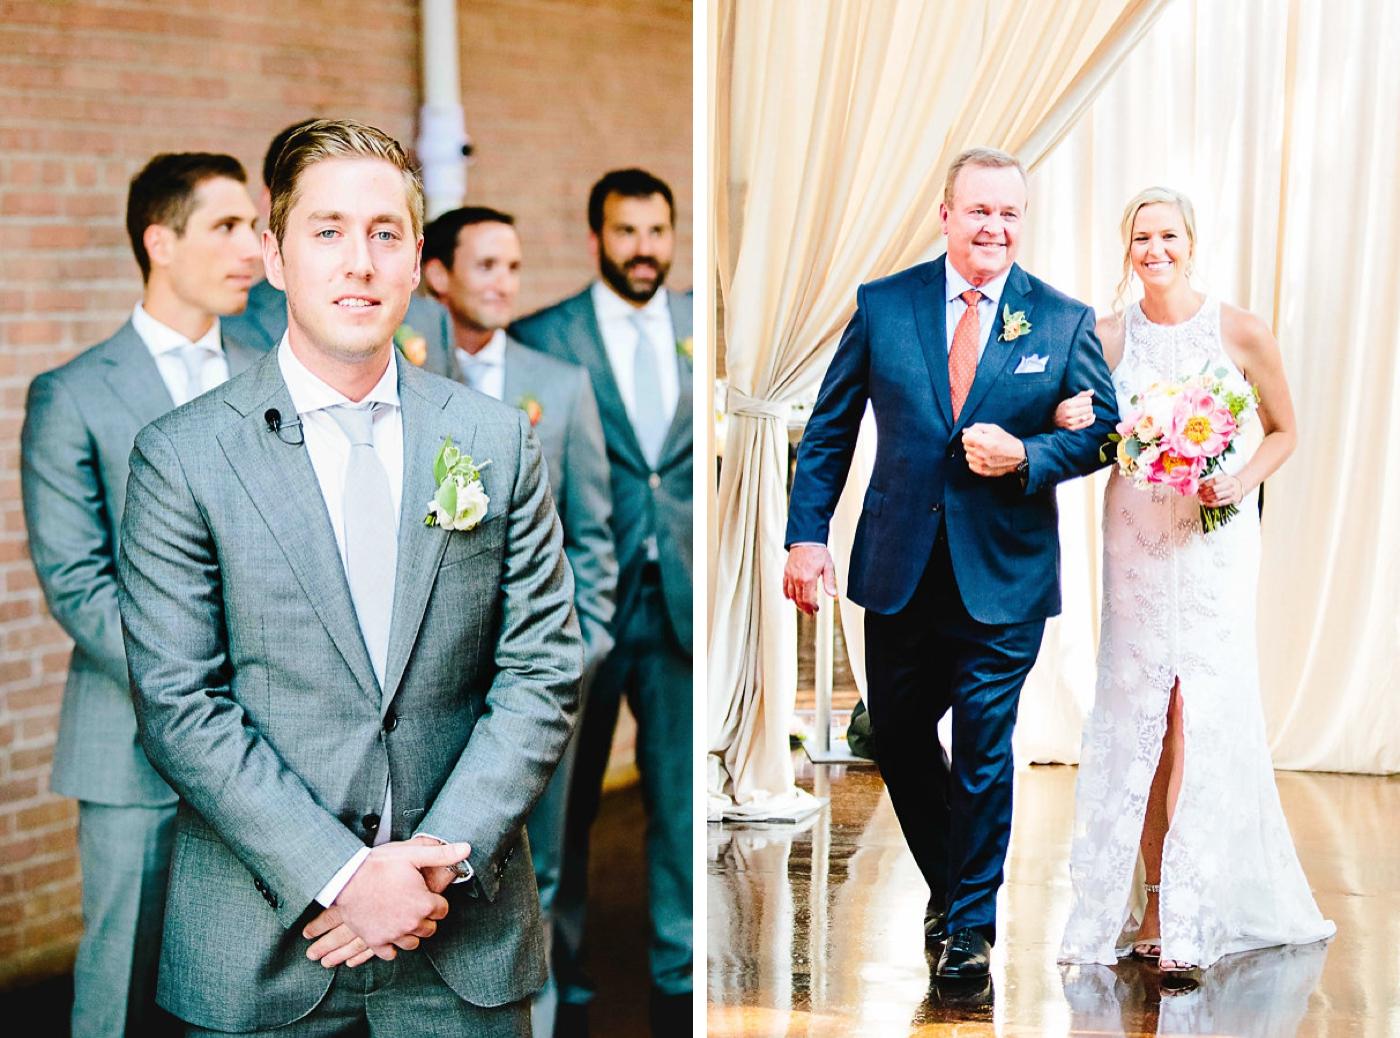 chicago-fine-art-wedding-photography-hrebic23